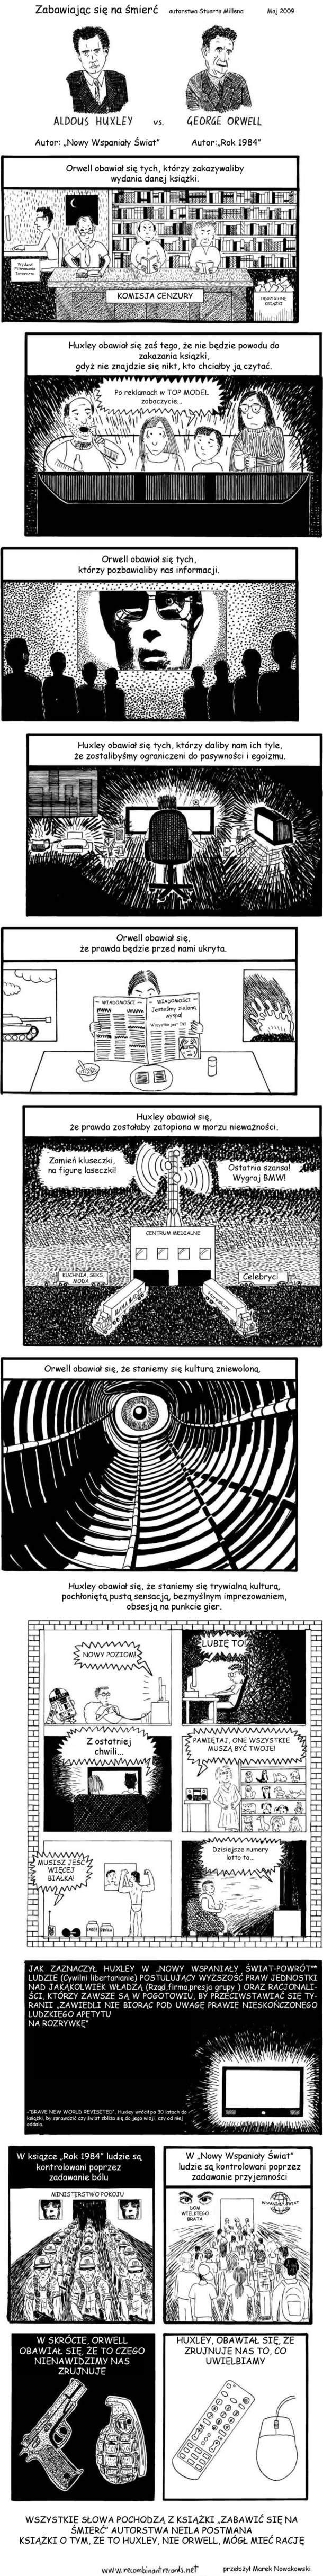 huxley-vs-orwell-pl-136543302328